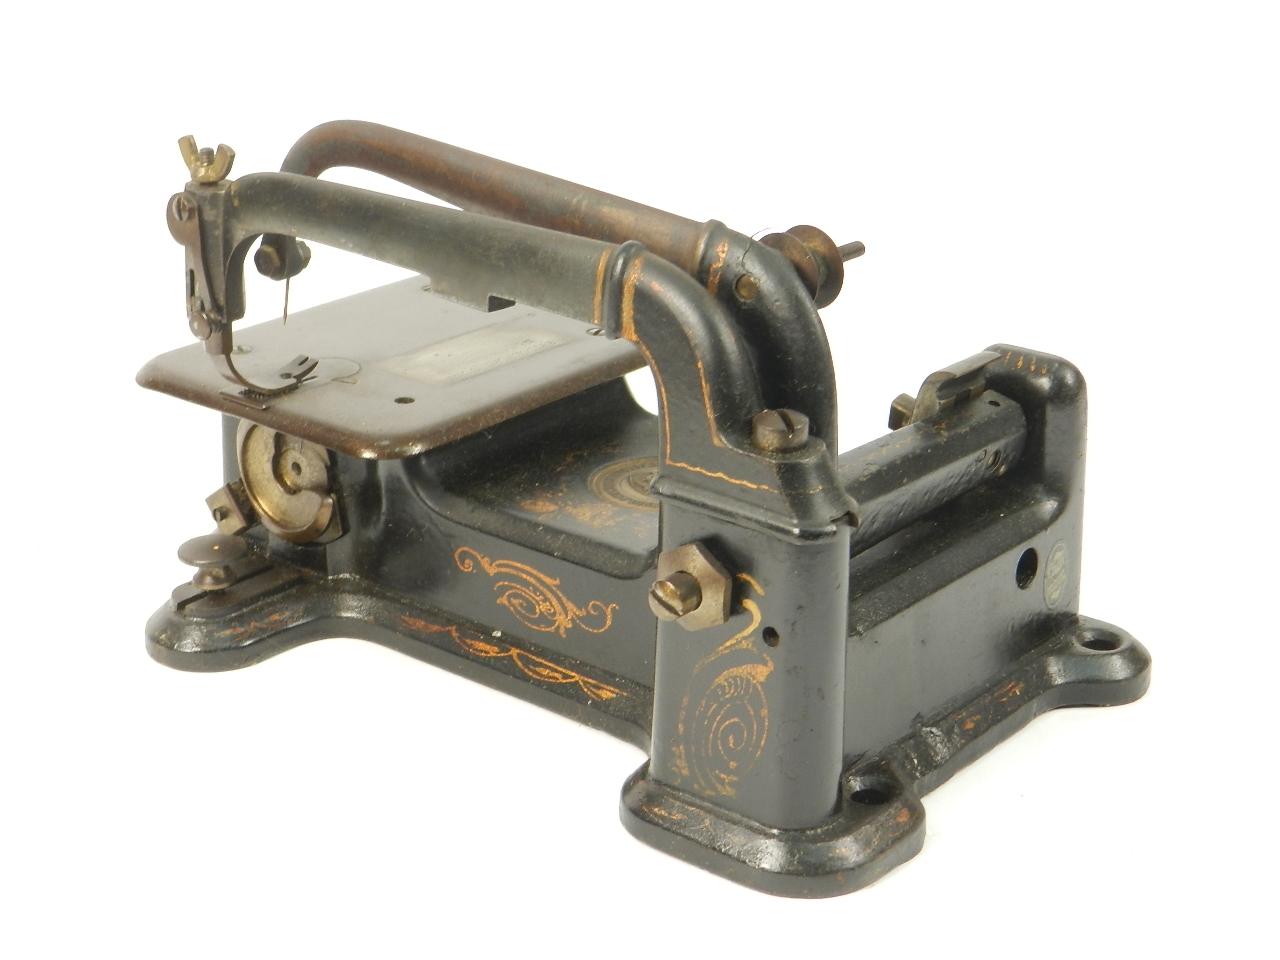 Imagen WHEELER & WILSON AÑO 1880, USA 42885